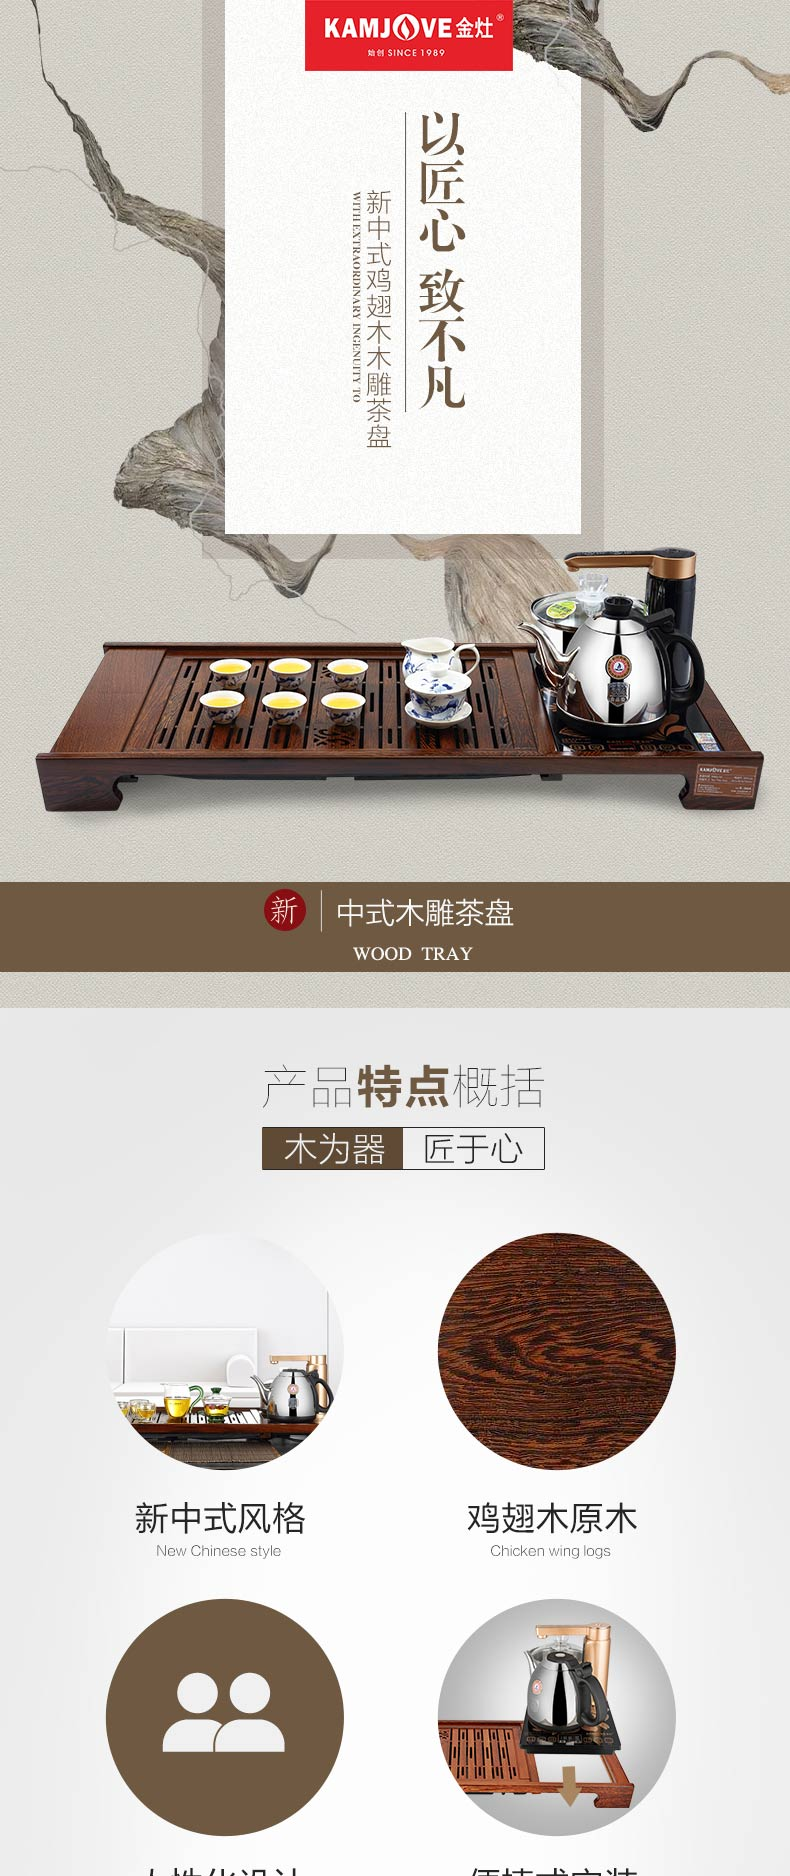 金灶茶具怎么样,金灶茶具真的可靠吗?真实使用感受曝光